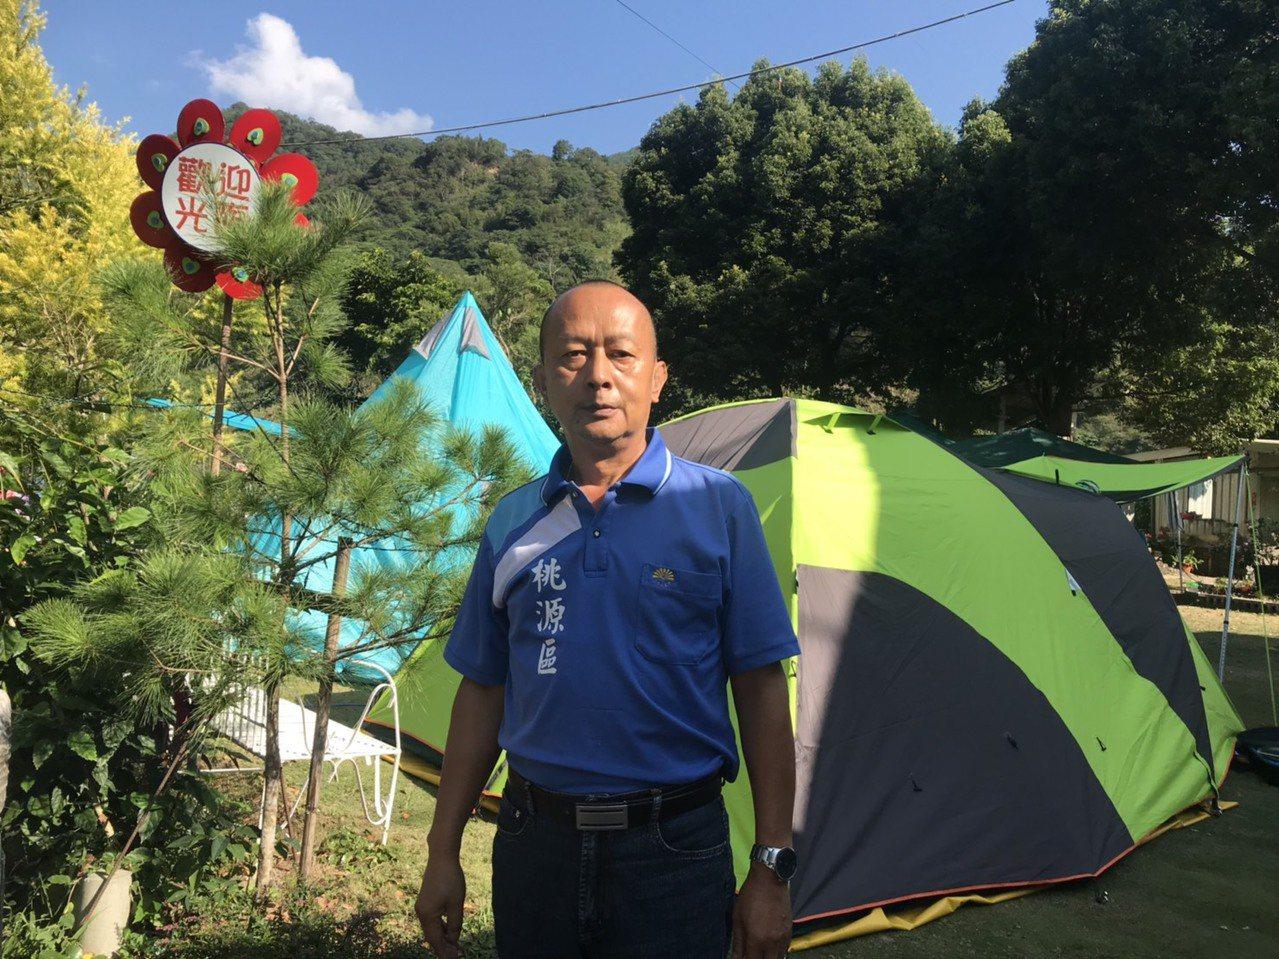 陳金山自高雄市警局退休,返回桃源山區經營露營區。 圖/徐白櫻攝影